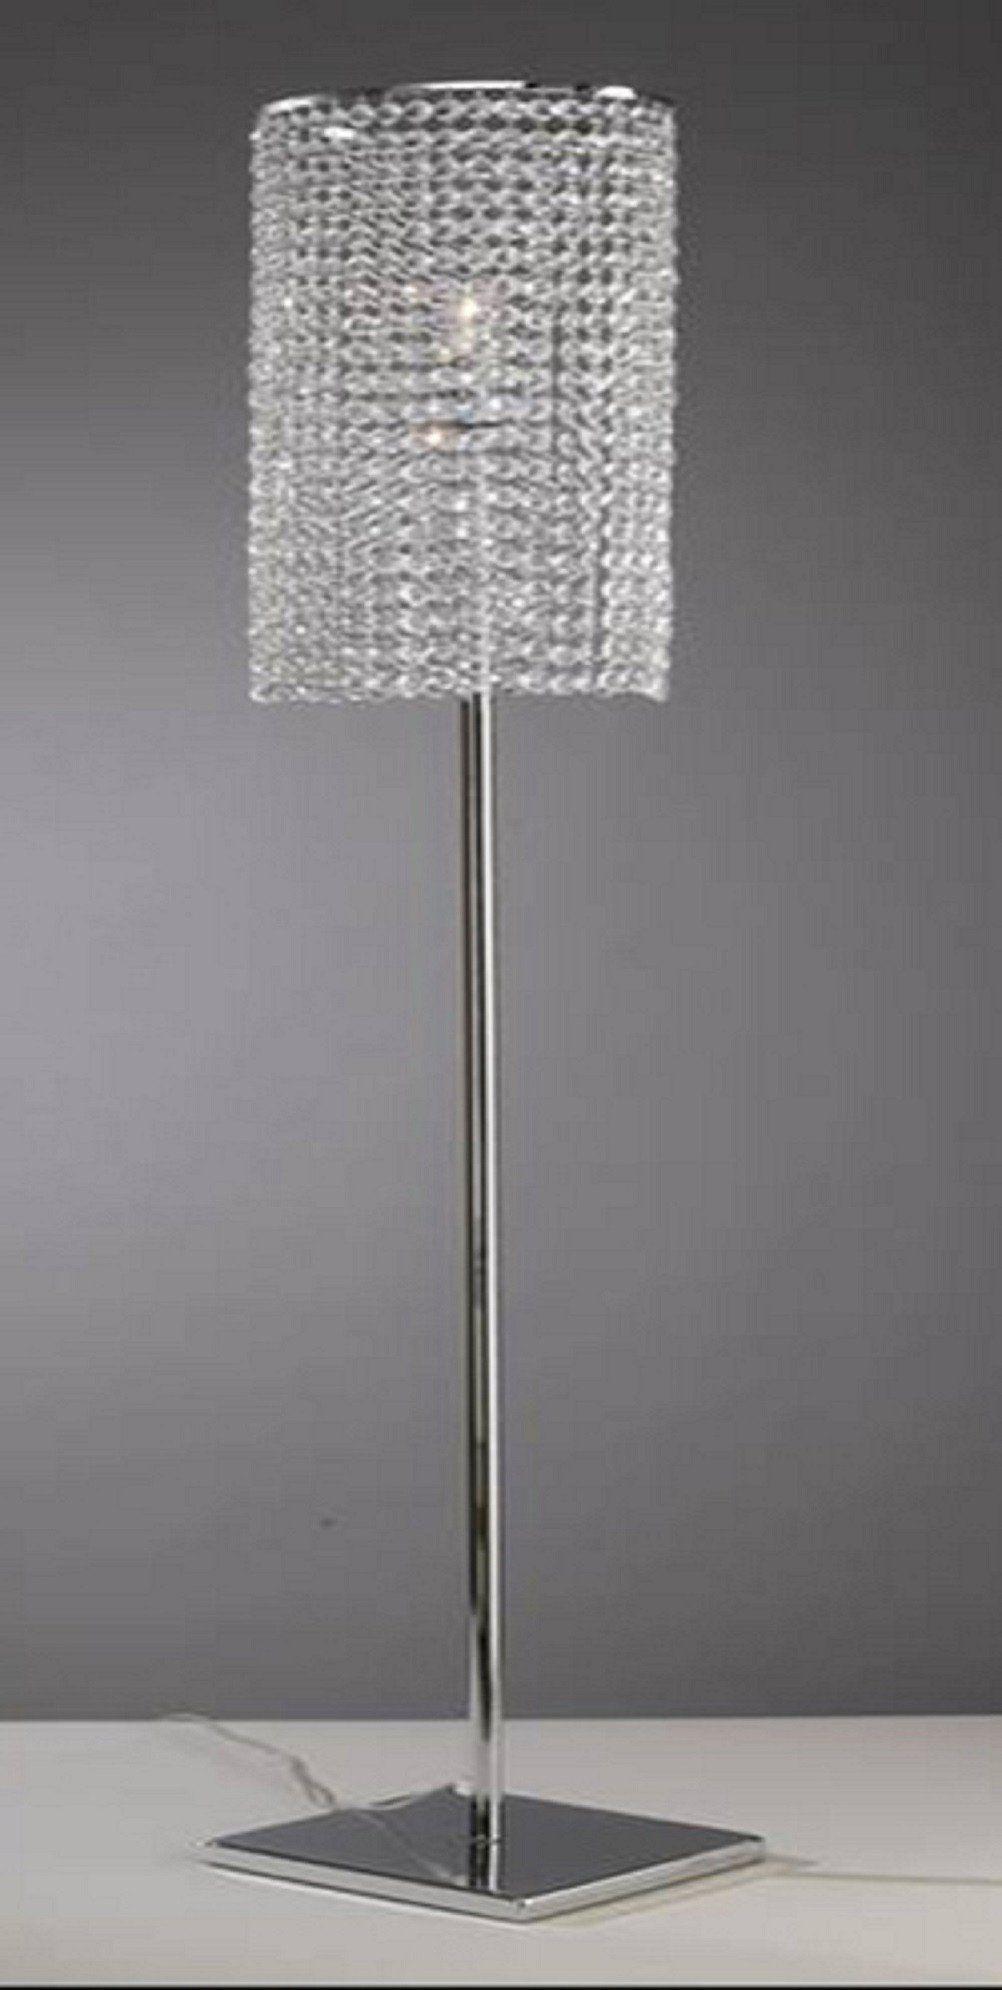 Full Size of Kristall Stehlampe 17 Mit Kristallen Frisch Wohnzimmer Schlafzimmer Stehlampen Wohnzimmer Kristall Stehlampe